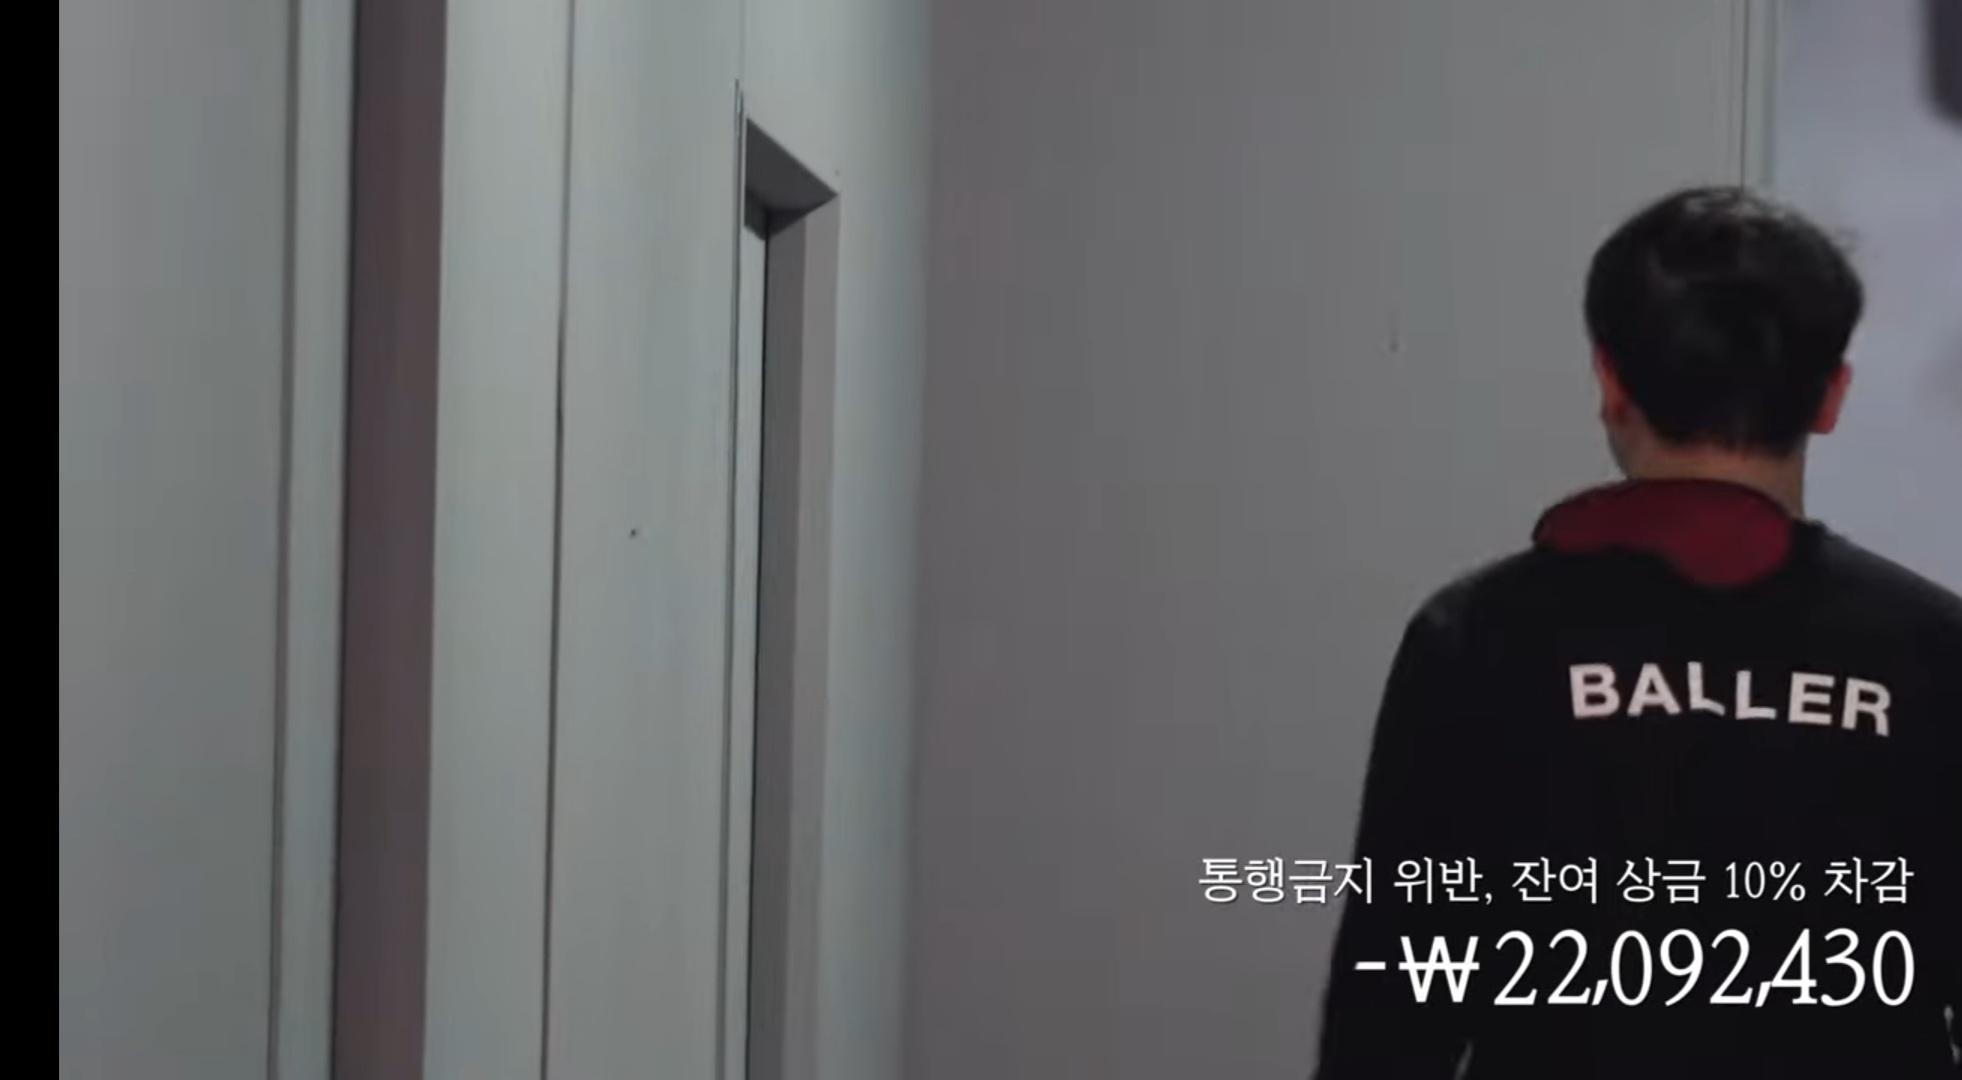 진용진 머니게임 7화 리뷰(용두사미의 냄새가 난다)